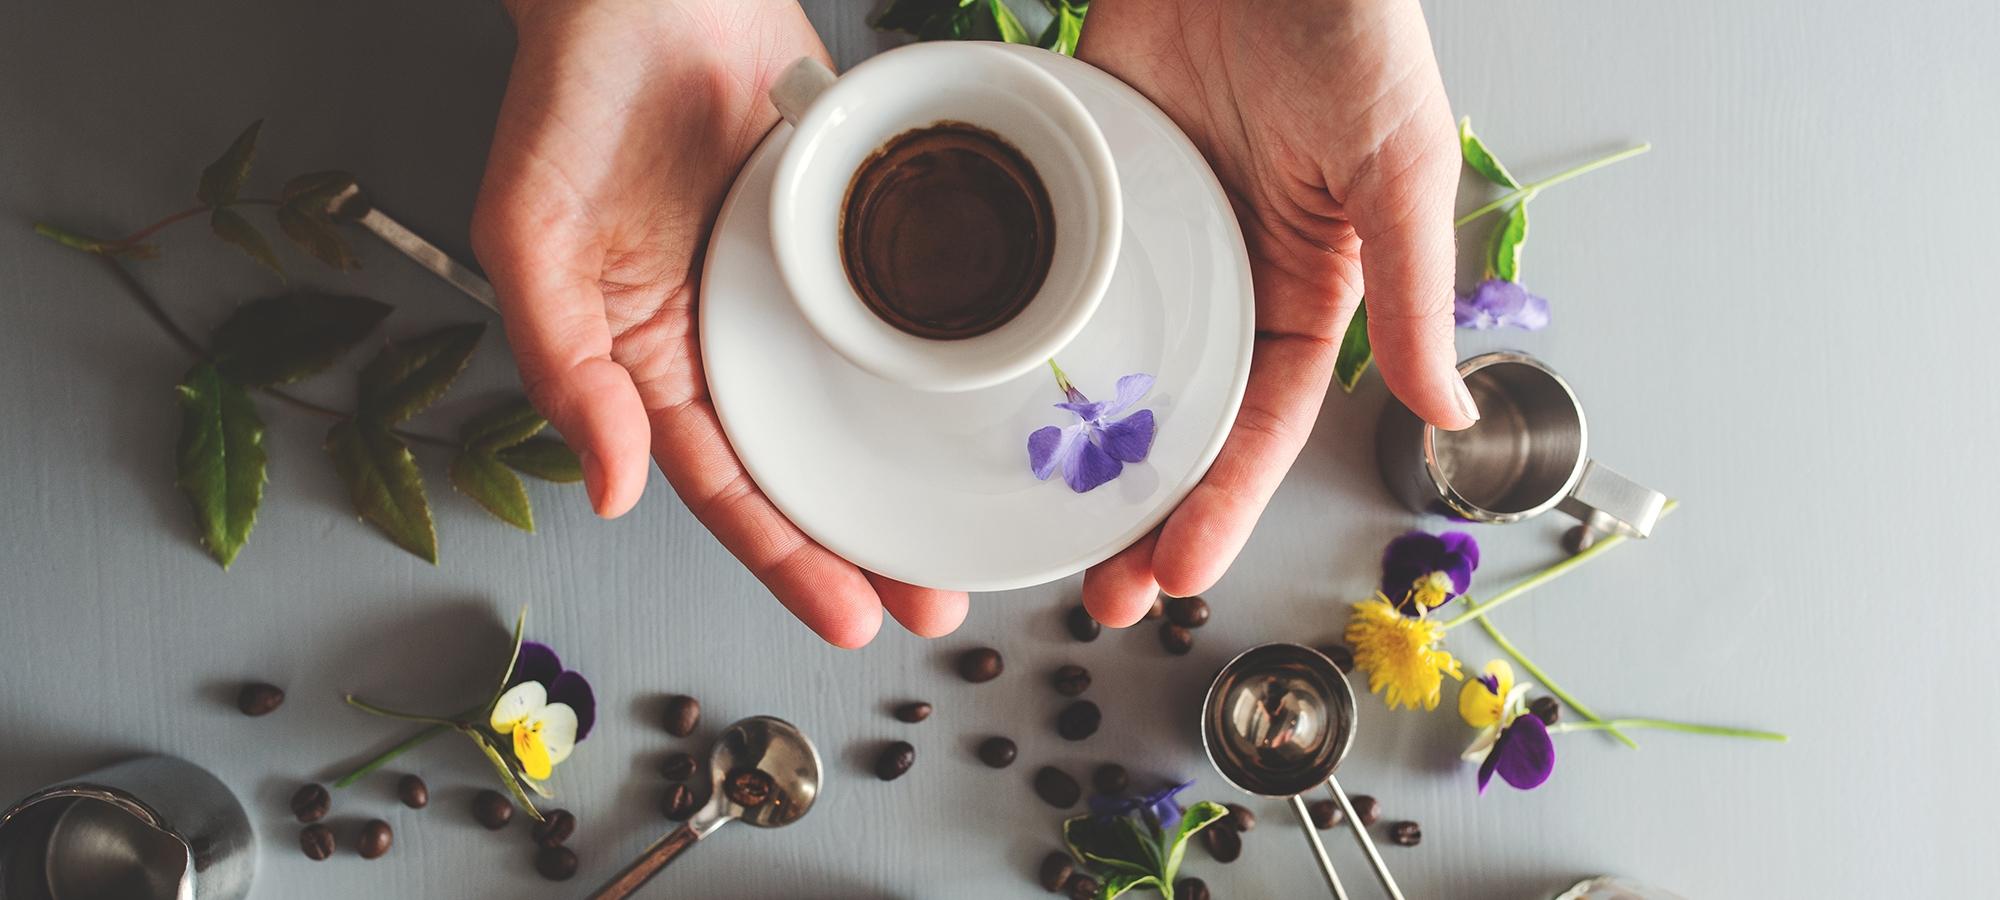 Kahvinkeitto onnistuu, kun veden ja kahvin suhde on oikea